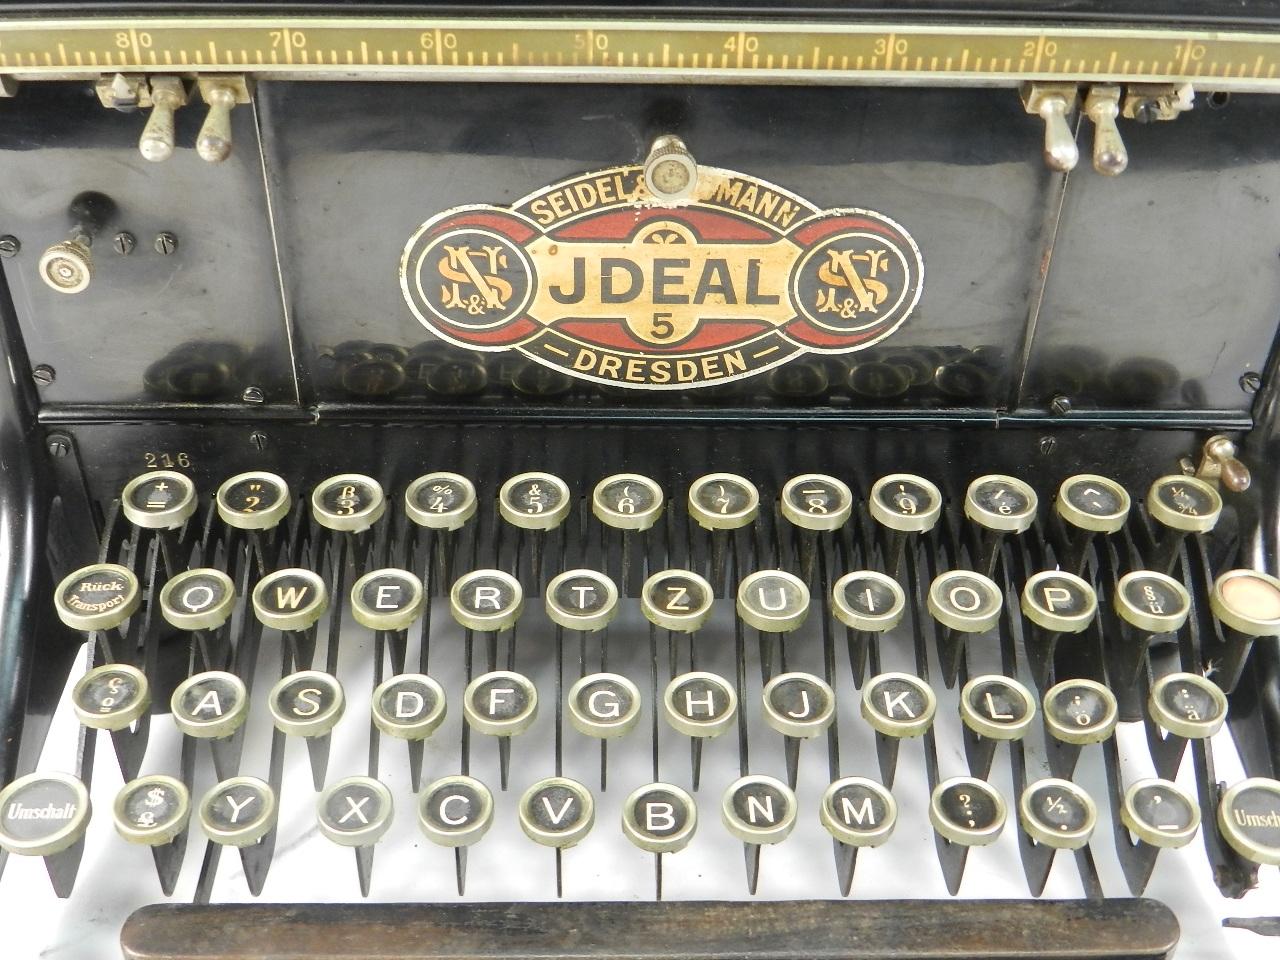 Imagen JDEAL 5 AÑO 1920 40285